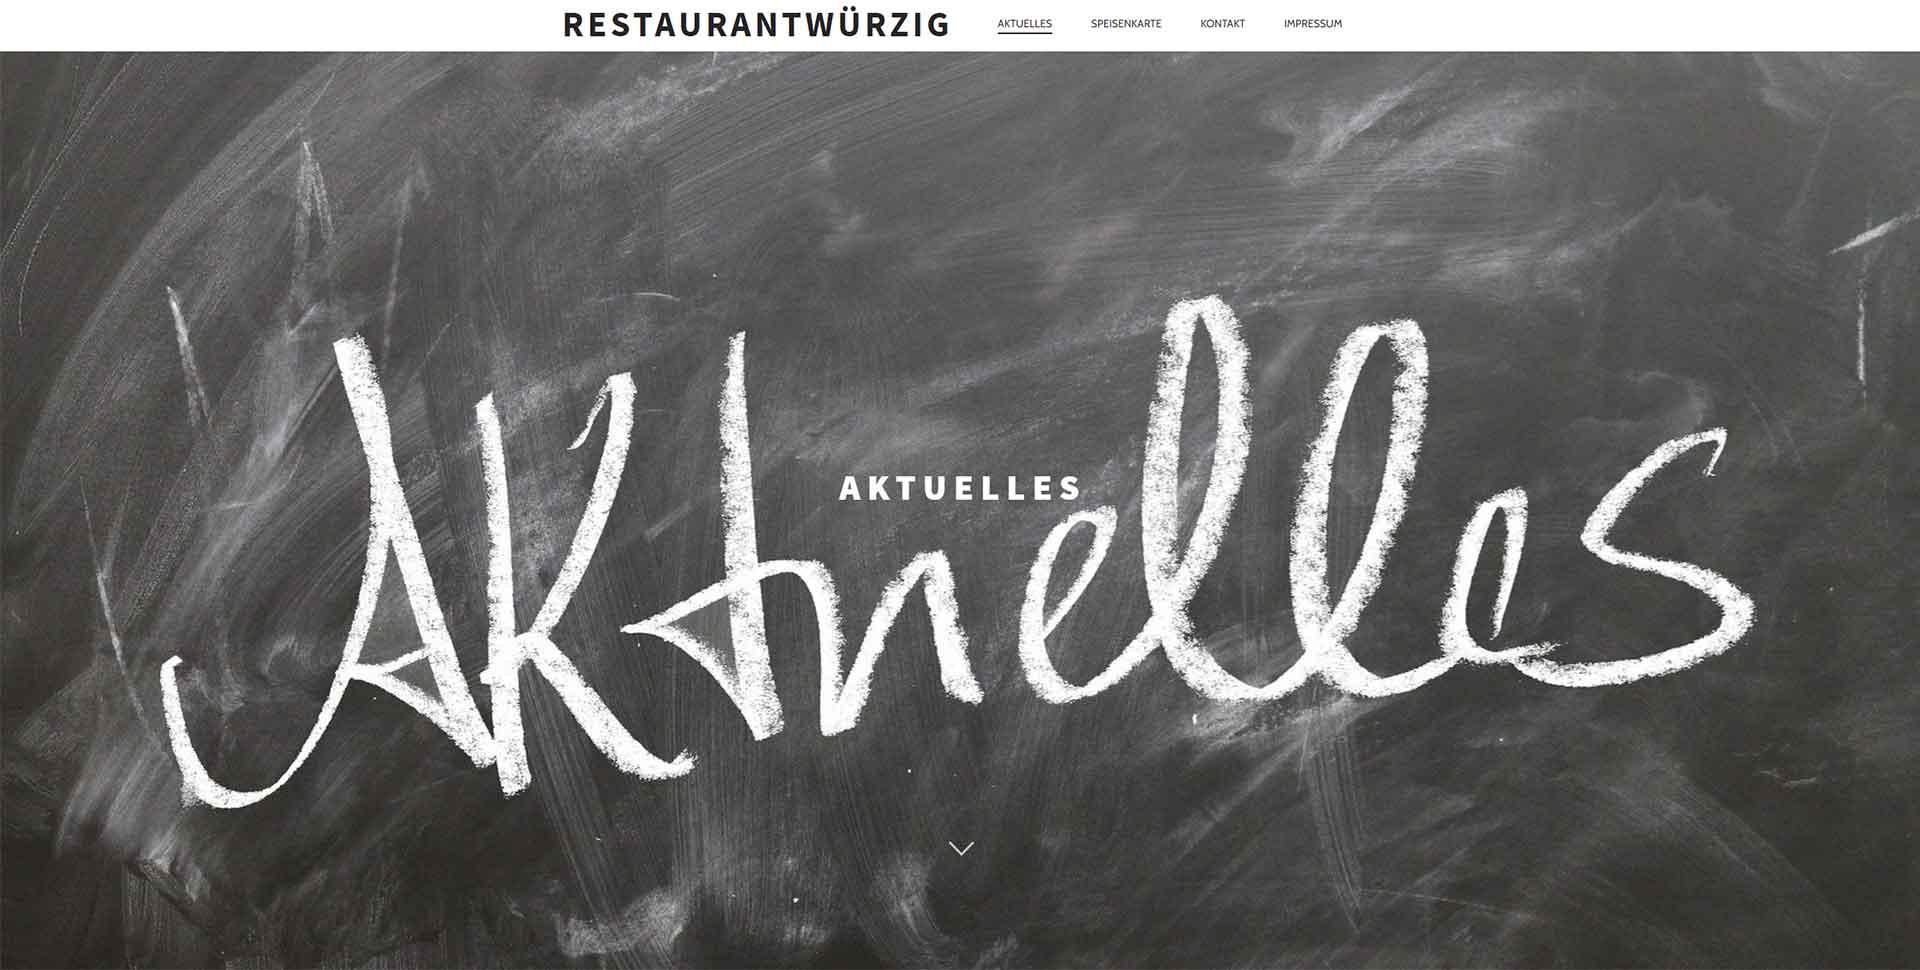 Restaurant Würzig